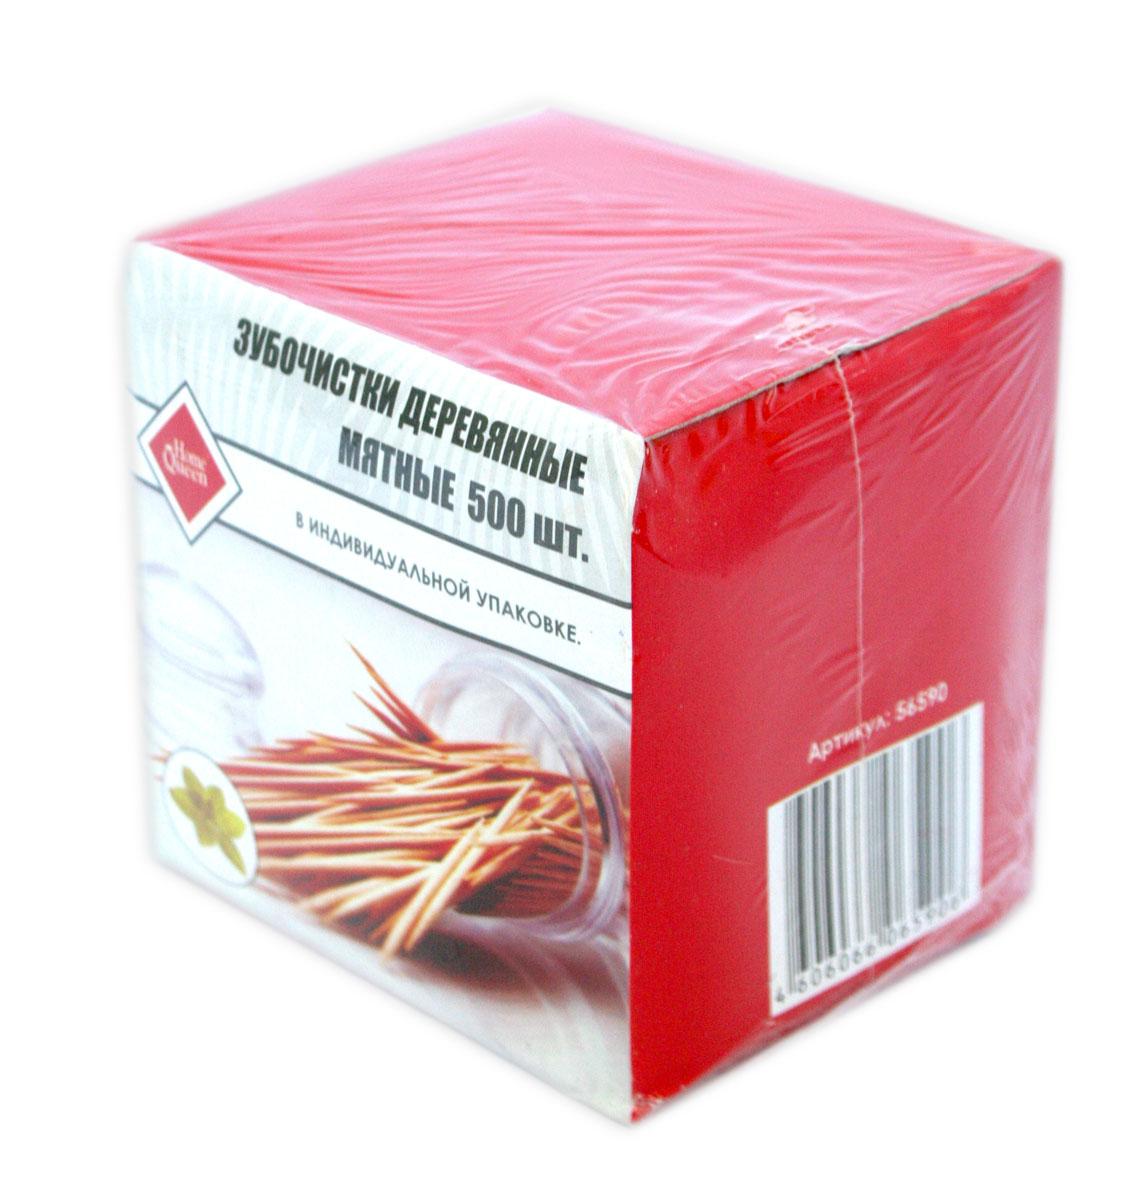 Зубочистки деревянные Home Queen, с ароматом мяты, 6,5 см, 500 штVT-1520(SR)Зубочистки Home Queen используются для очистки межзубных промежутков и боковых поверхностей зубов. Сегодня зубочистки предлагаются во всех учреждениях общественного питания от скромных кафе до фешенебельных ресторанов. Наиболее полезны для зубов зубочистки из натурального природного материала - дерева. Зубочистки Home Queen соответствуют этому требованию, так как изготовлены из древесины березы. Обладают приятным ароматом мяты. Каждая зубочистка находится в индивидуальной бумажной упаковке. Длина зубочистки: 6,5 см.Комплектация: 500 шт.